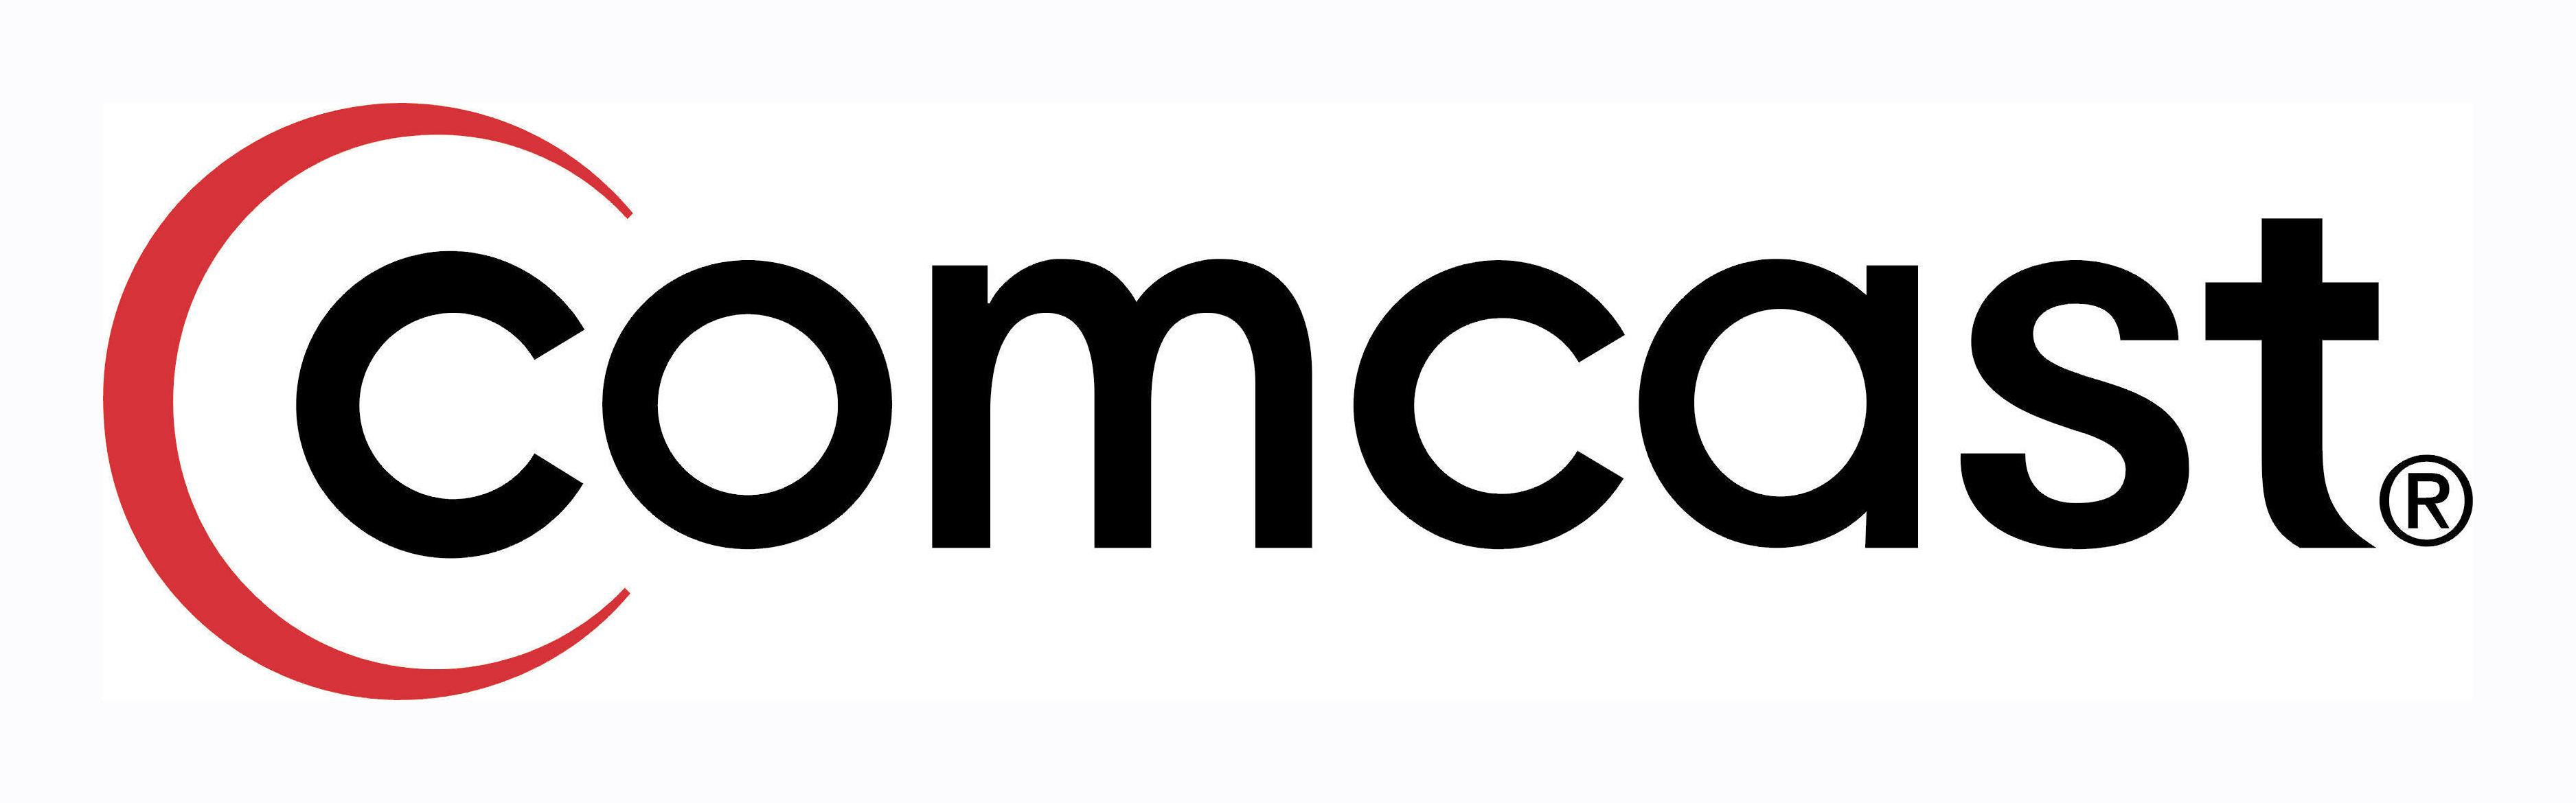 Comcast Clipart & Clip Art Images #20614.